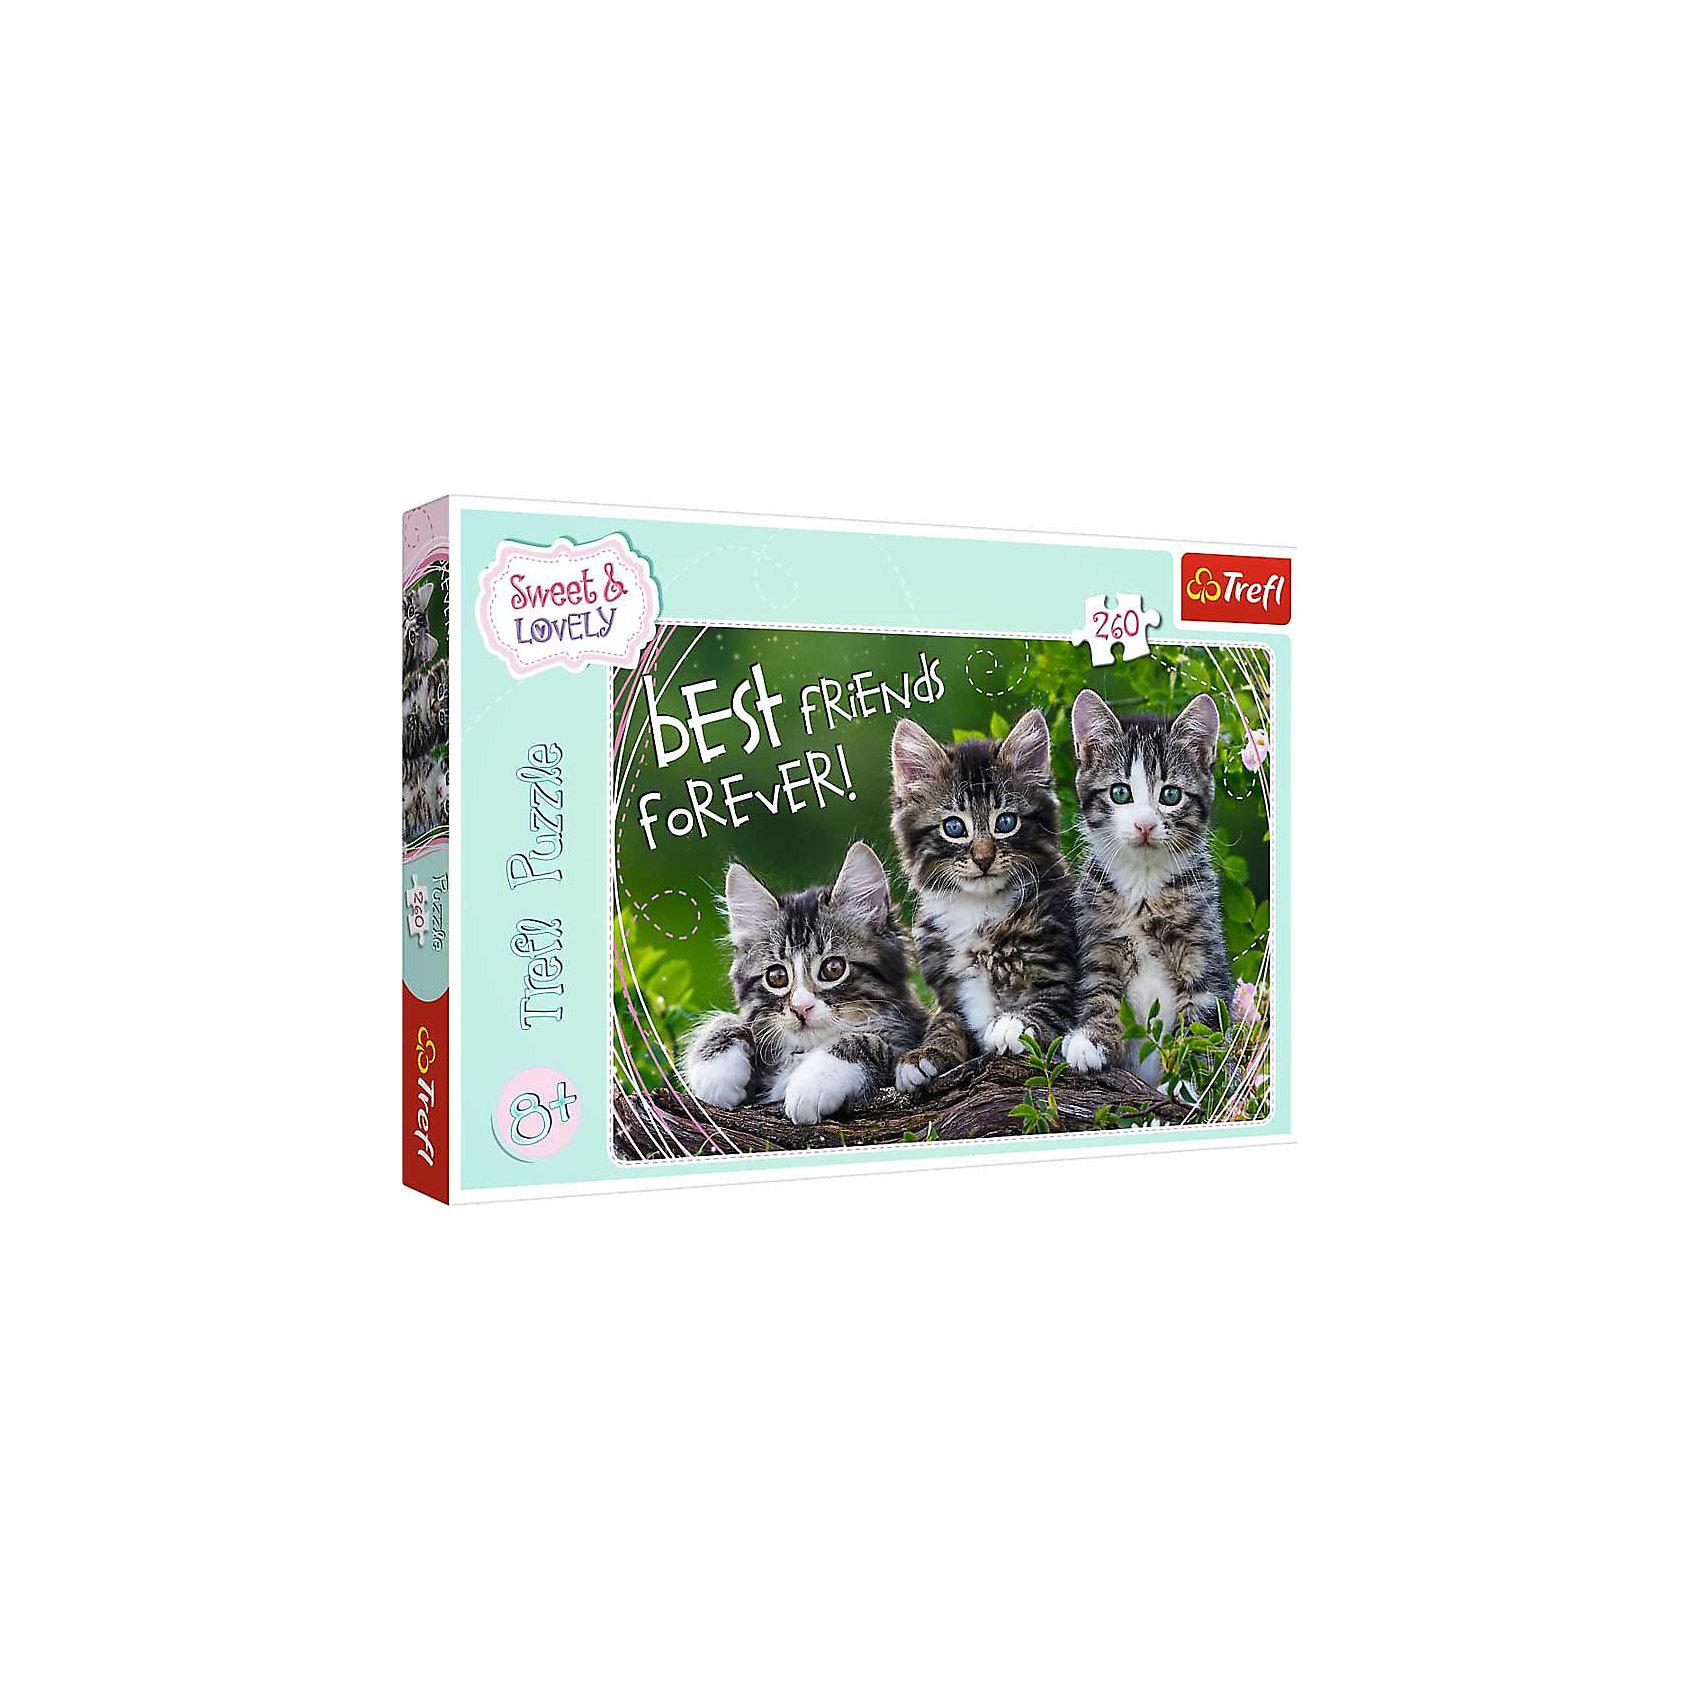 Пазлы «Дружные котята», 260 деталейПазлы для детей постарше<br>Пазл «Кошачья дружба» от Trefl из 200 элементов принадлежит к серии Sweet&amp;Lovely, которая создана для тех, кто любит очаровательных животных. В коллекцию, помимо этой головоломки, вошли еще несколько картин с другими котятами, лошадьми и щенками. Соберите их все! <br>Превосходное качество Trefl делает этот пазл желанным подарком: крепкая сцепка, насыщенные, не блекнущие со временем цвета, экологически чистые компоненты, утолщенный слой картона, антибликовое покрытие – то, что нужно для приятного досуга. <br>Количество деталей: 260. <br>Размеры картинки в собранном виде: 60х40 см. <br>Размеры коробки: 37,8х27,8х4,5 см. <br>Вес коробки: 0,55 кг. <br>Пазл предназначен для девочек старше 6 лет.<br><br>Ширина мм: 410<br>Глубина мм: 378<br>Высота мм: 266<br>Вес г: 670<br>Возраст от месяцев: 72<br>Возраст до месяцев: 144<br>Пол: Унисекс<br>Возраст: Детский<br>SKU: 7126360